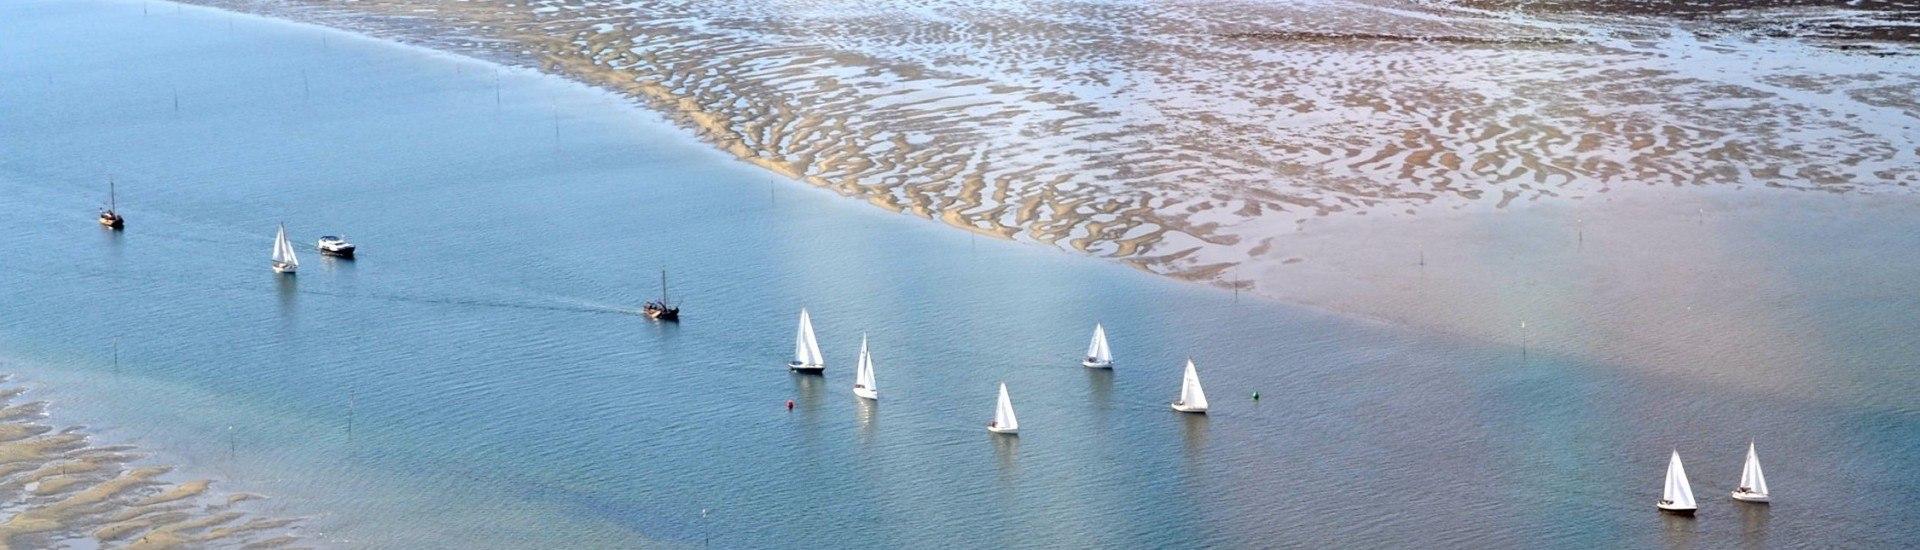 Zeilen op het Ijsselmeer, Waddenzee, Friese Meren, Zeeuwse wateren en de Noordzee.